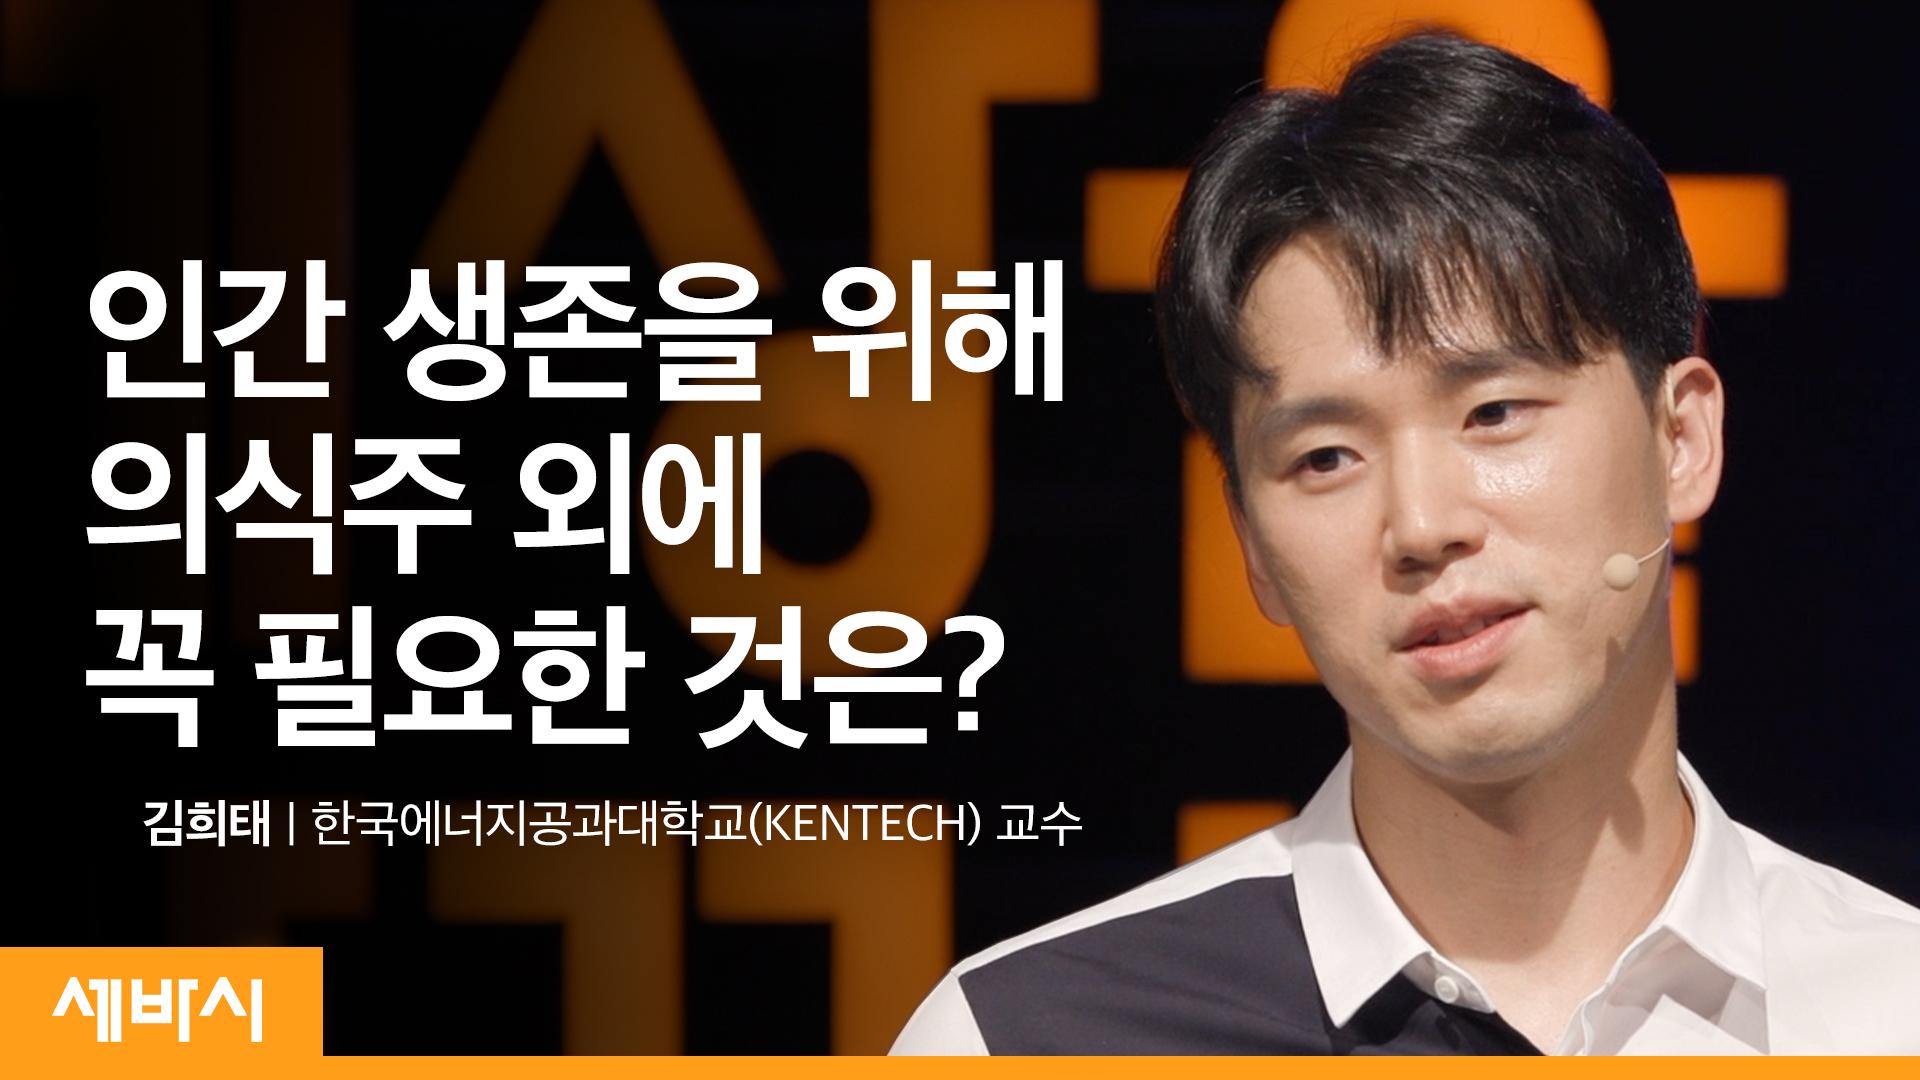 인간 존엄을 위해 꼭 필요한 것 -김희태(한국에너지공과대학교 교수)